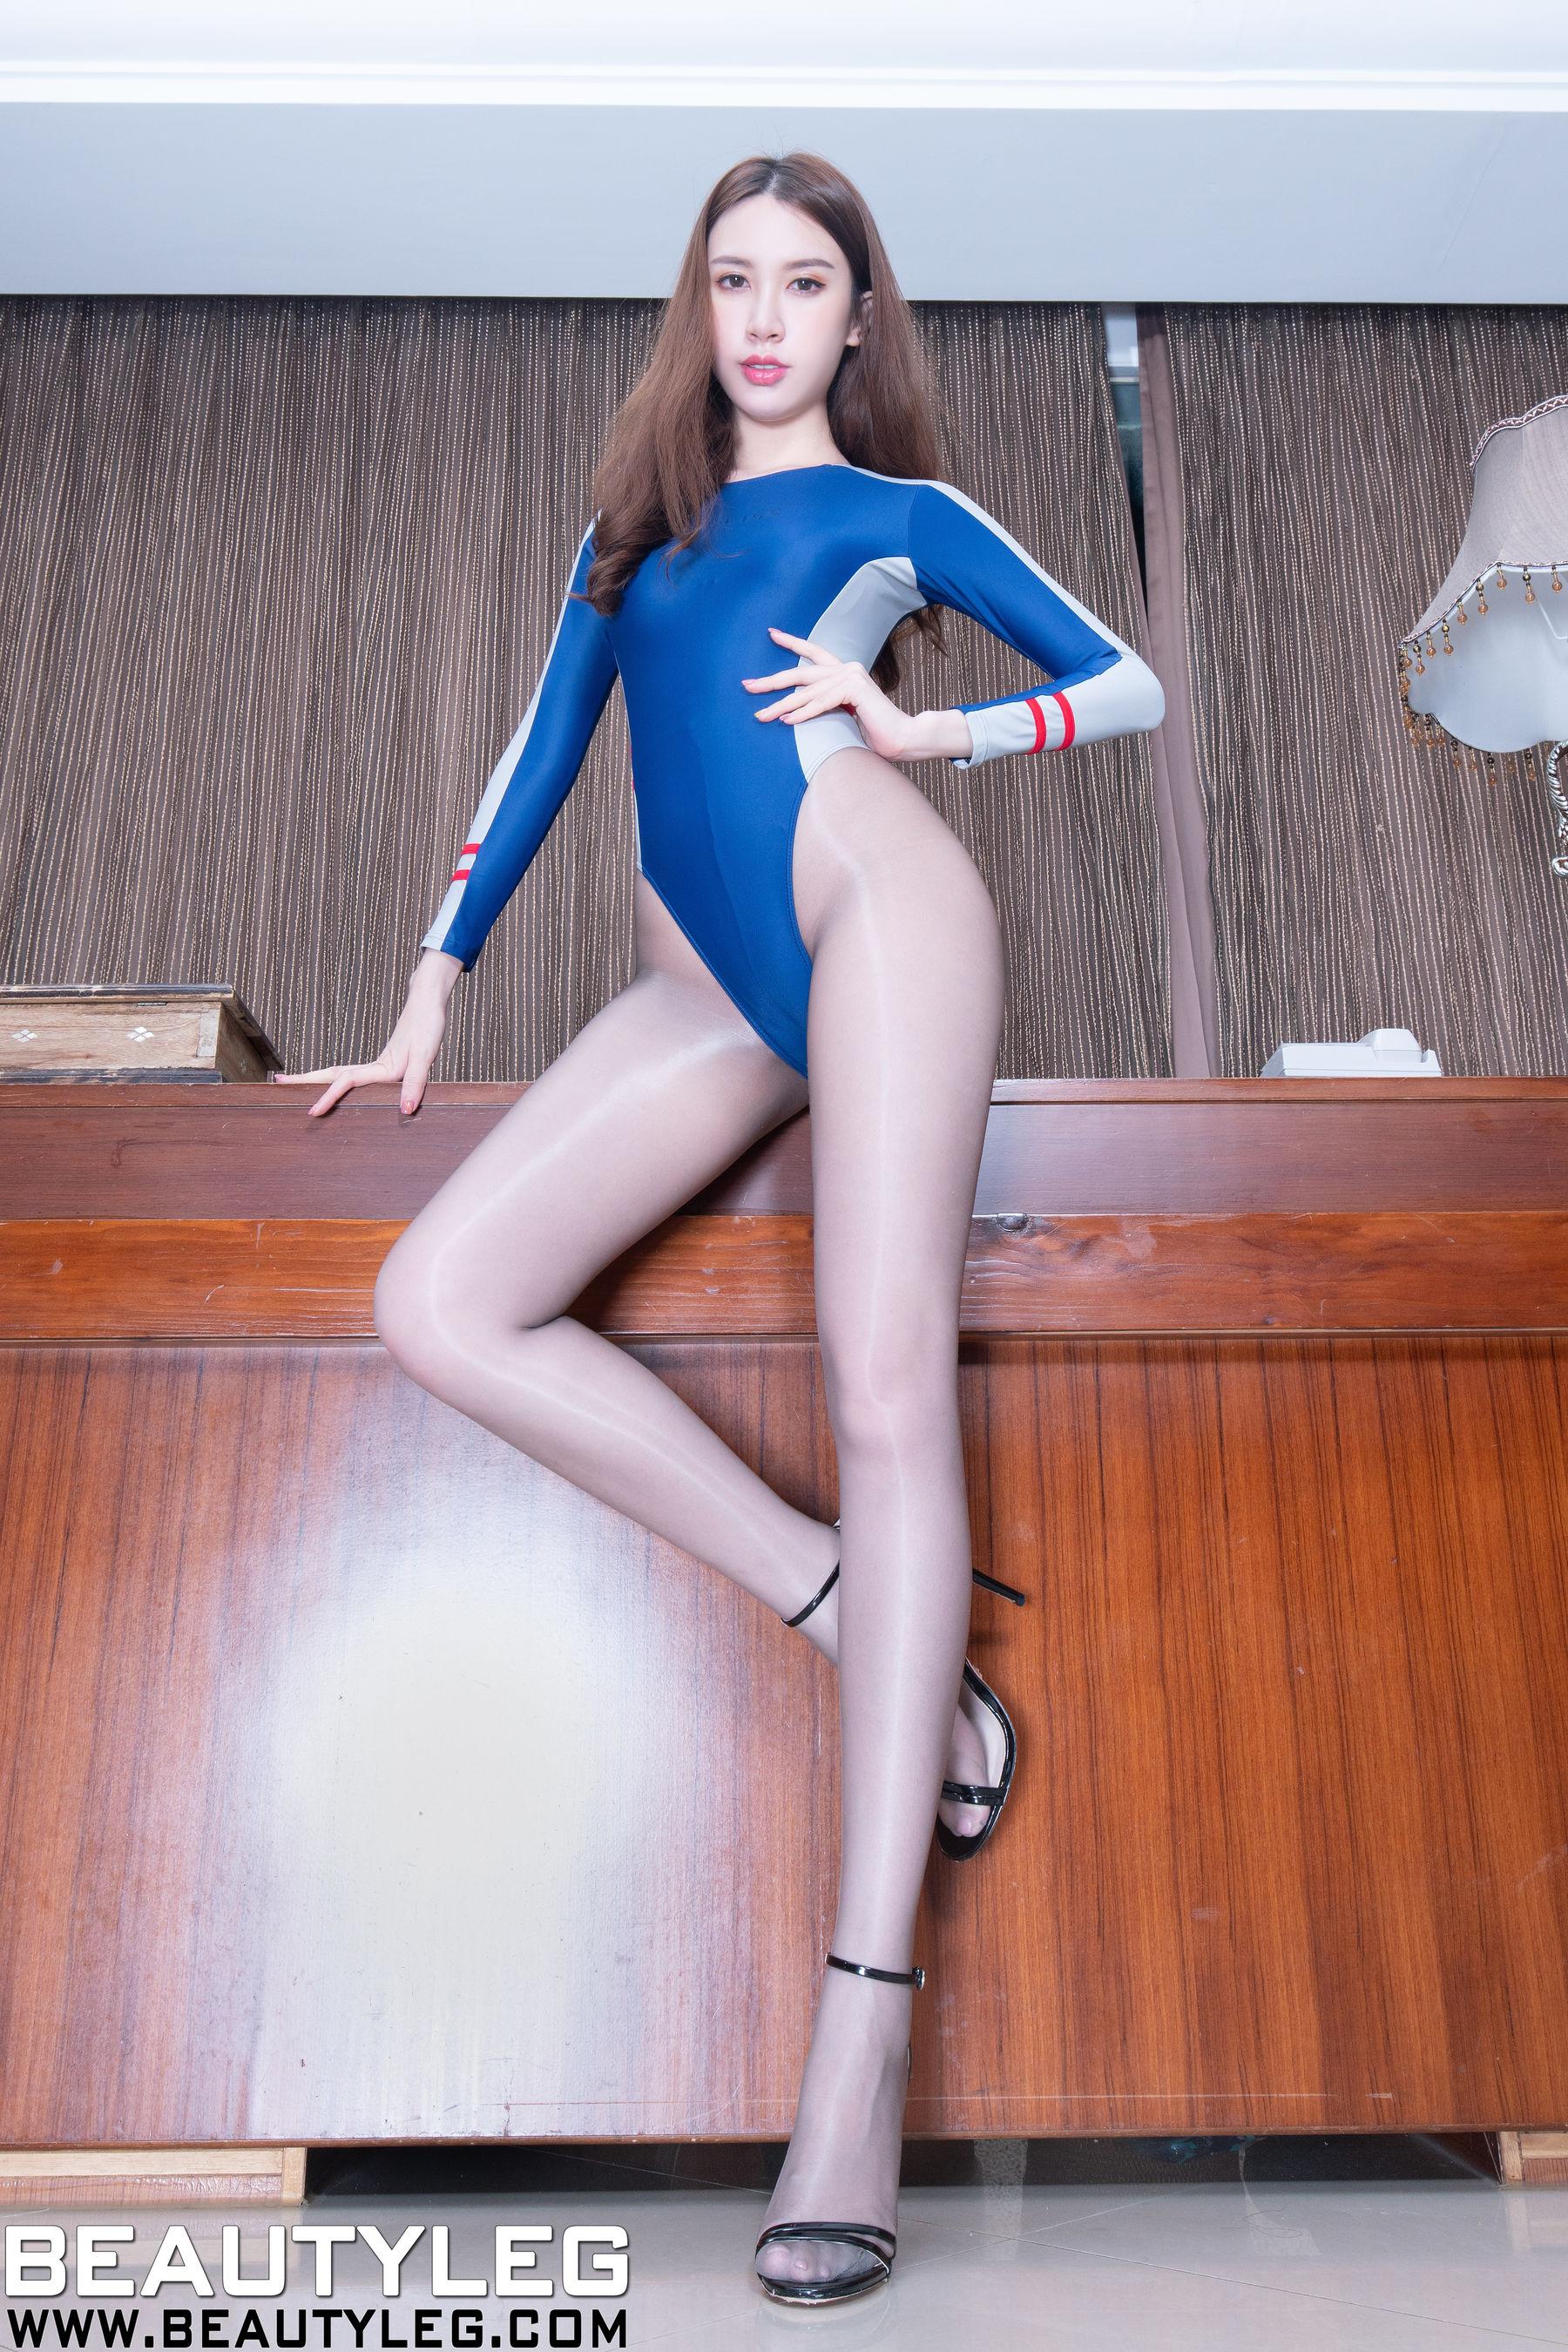 VOL.800 [Beautyleg]丝袜美腿高跟:崔多朵(崔德蓉,腿模Stephy)超高清个人性感漂亮大图(52P)